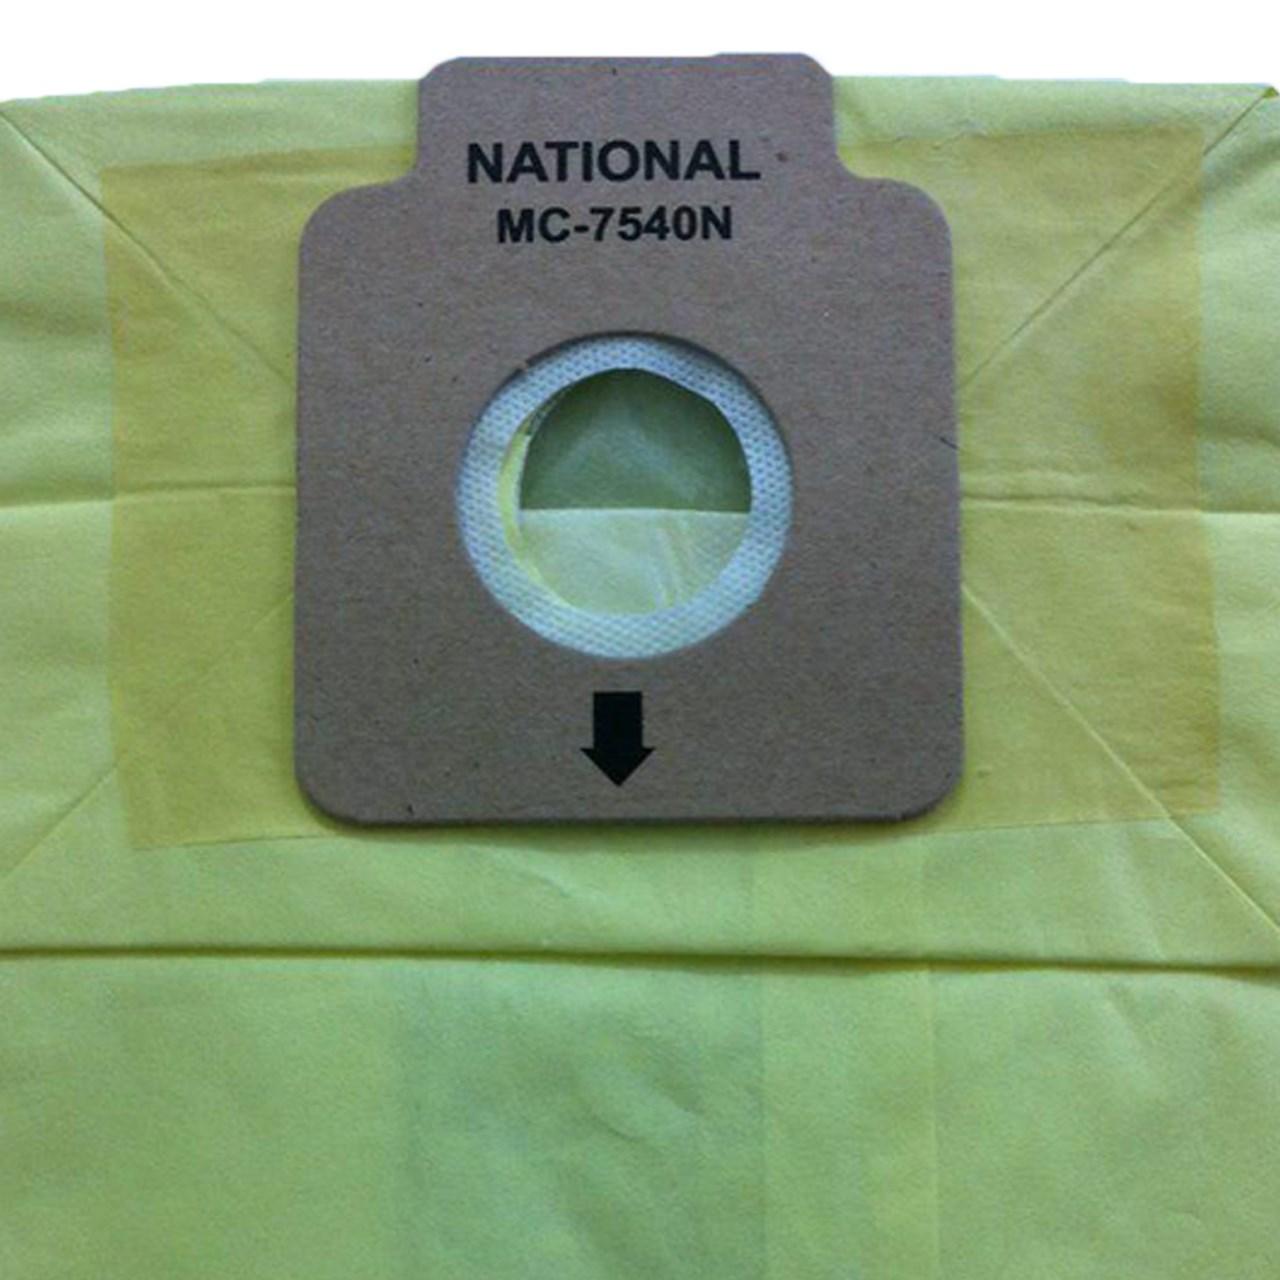 خرید                     کیسه جاروبرقی ناسیونال مدل 7540 بسته 5 عددی